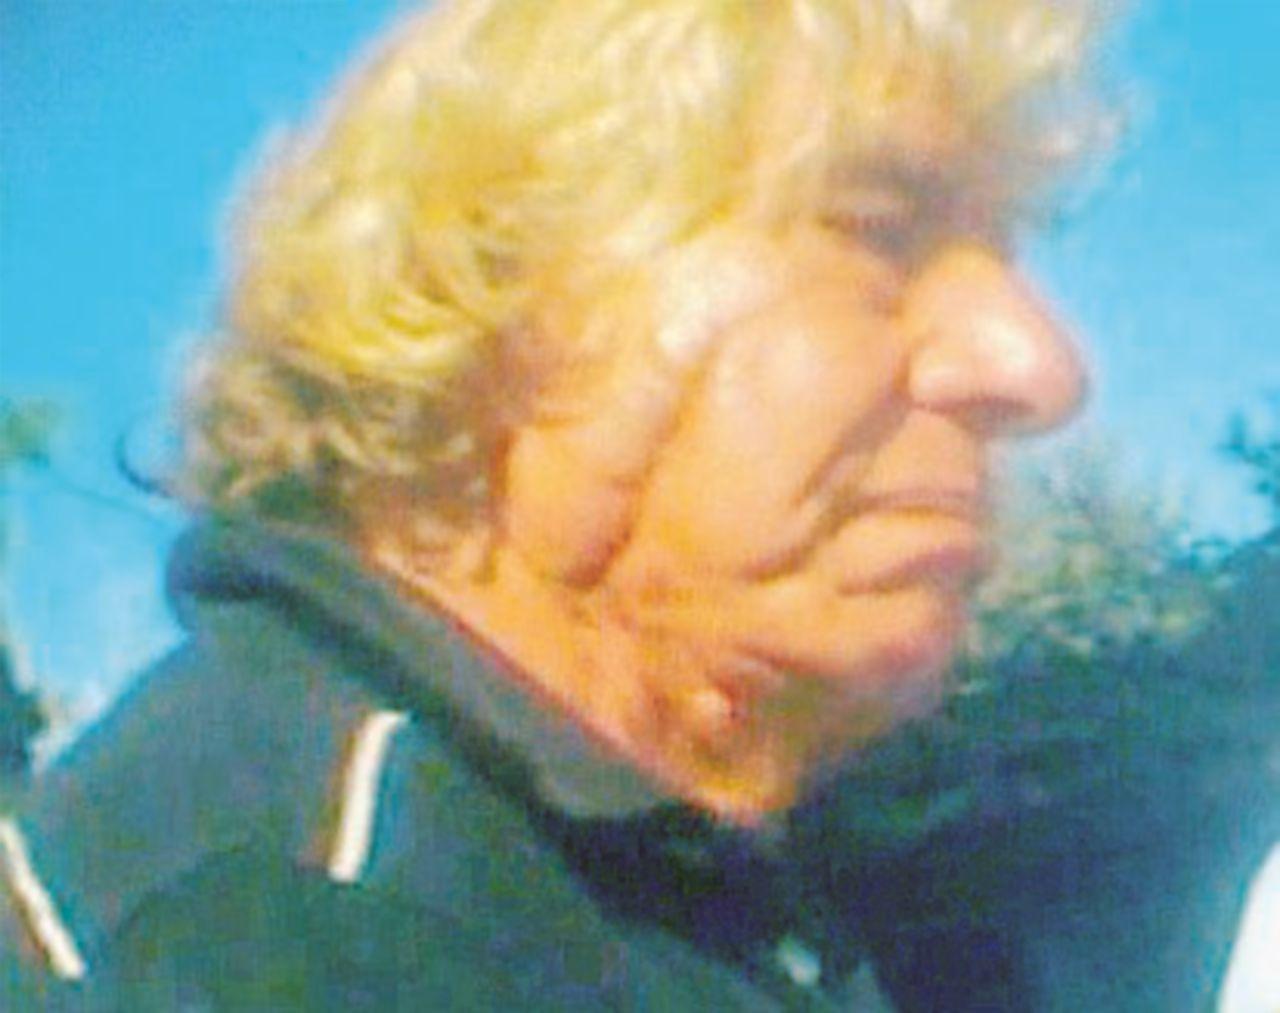 Stragi, la pista dei 'killer di Stato' ora riemerge all'Antimafia